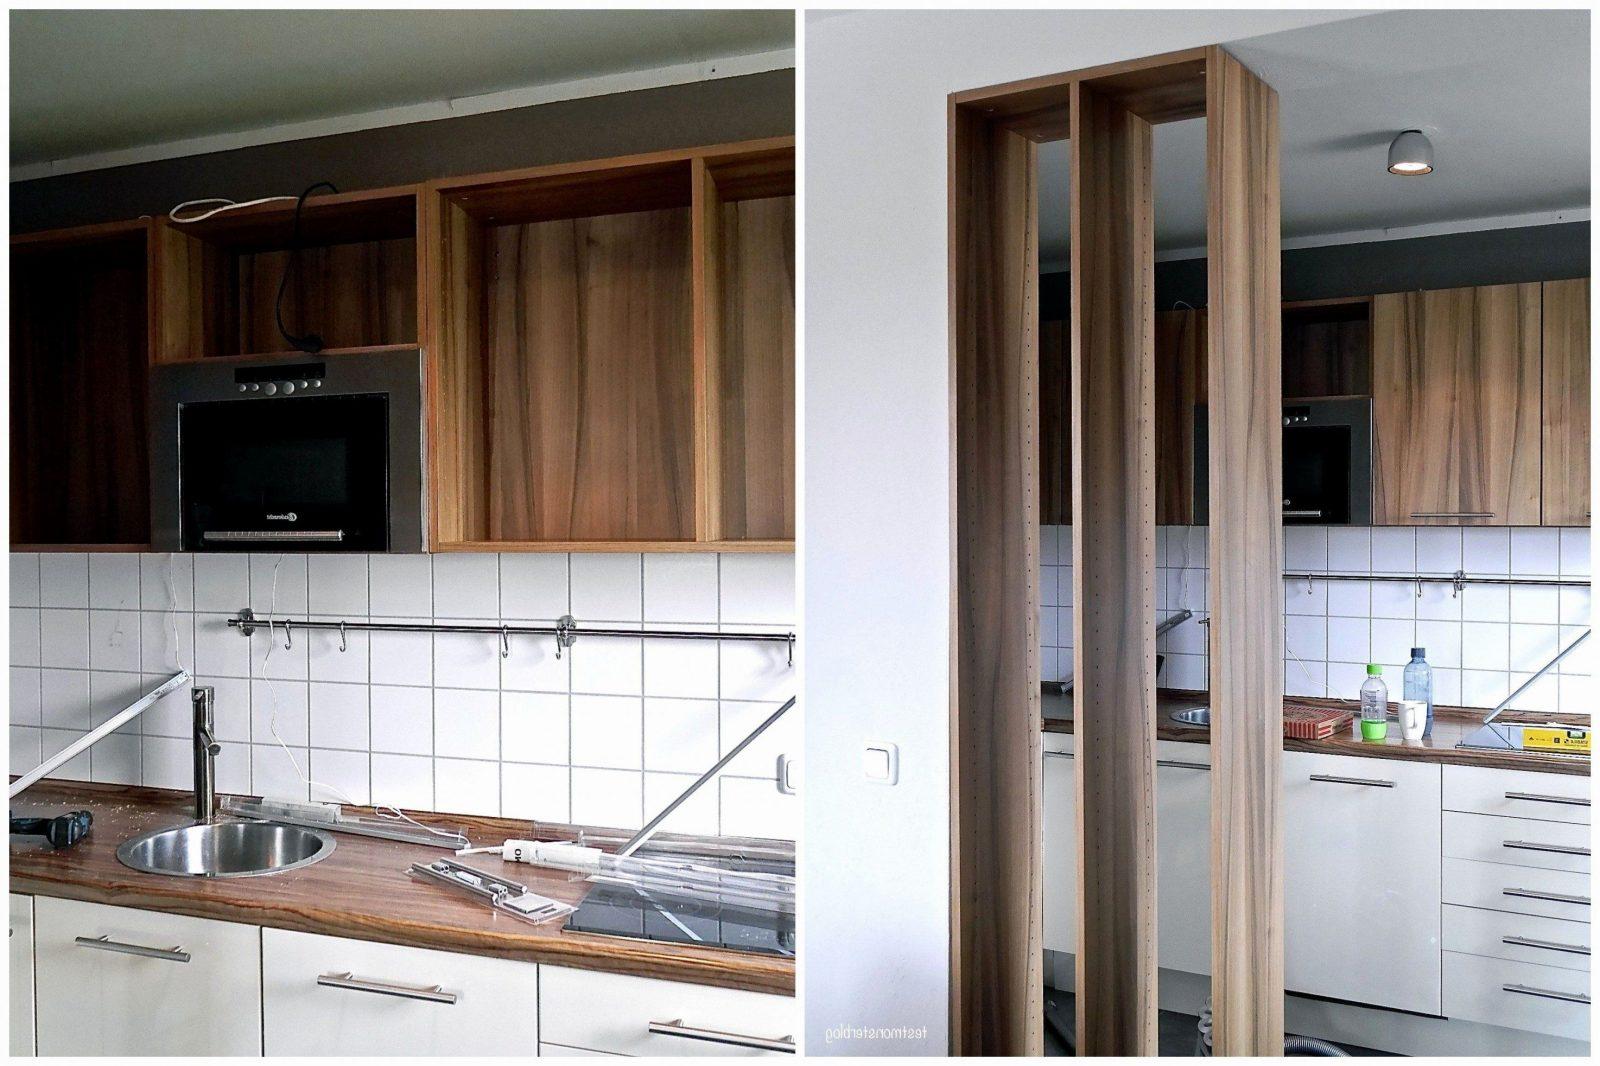 Eckschrank Küche Selber Bauen Liebenswert Fenster Küche Inspirierend von Eckschrank Küche Selber Bauen Photo